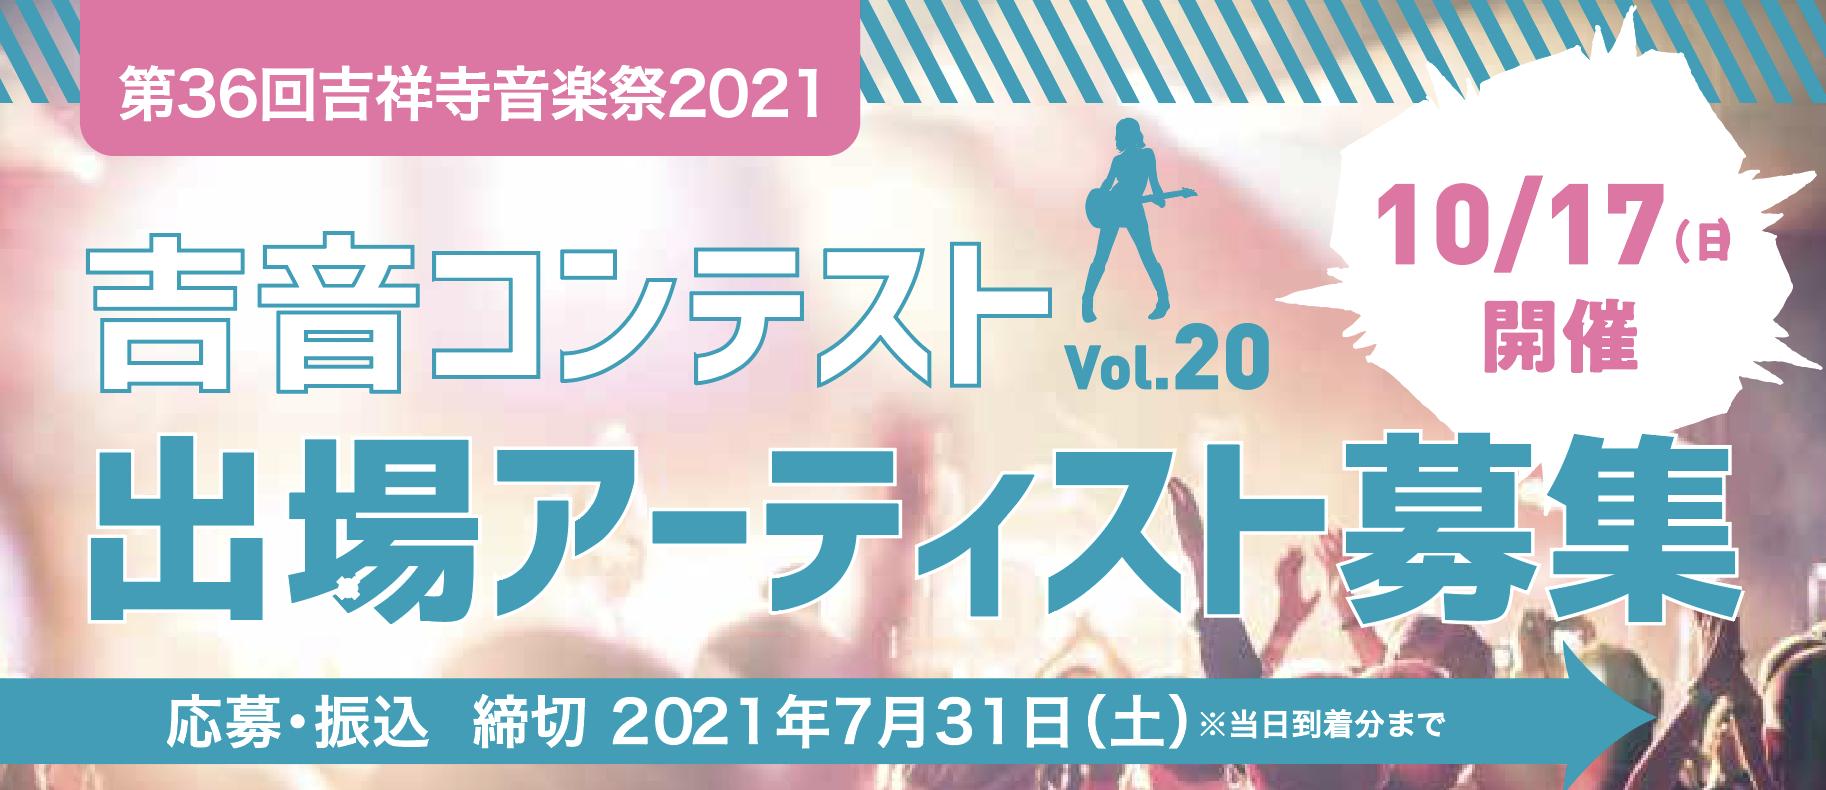 スクリーンショット 2021-05-04 11.44.26